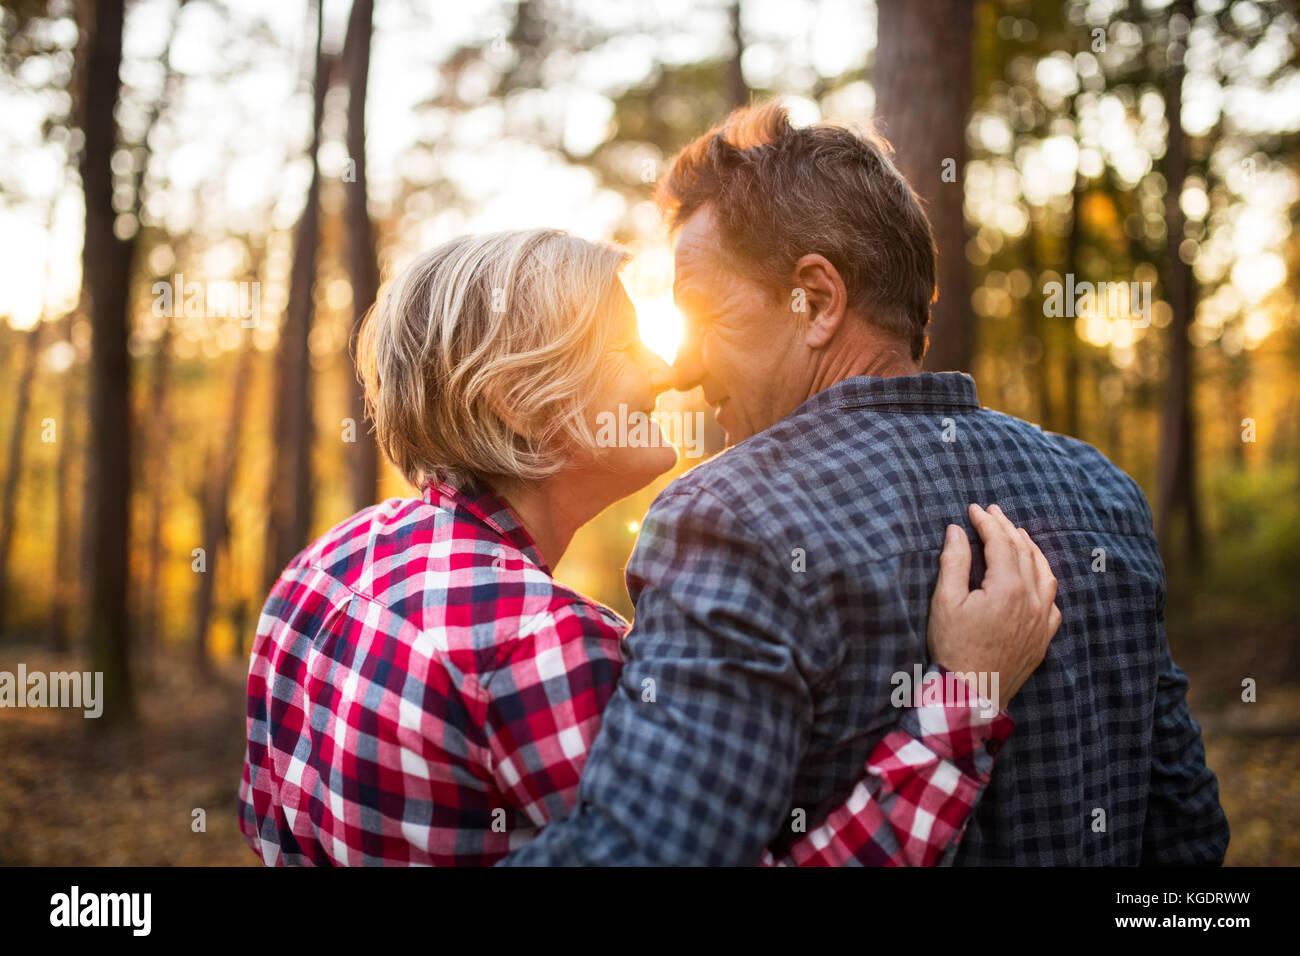 Couple en promenade dans une forêt d'automne. Photo Stock